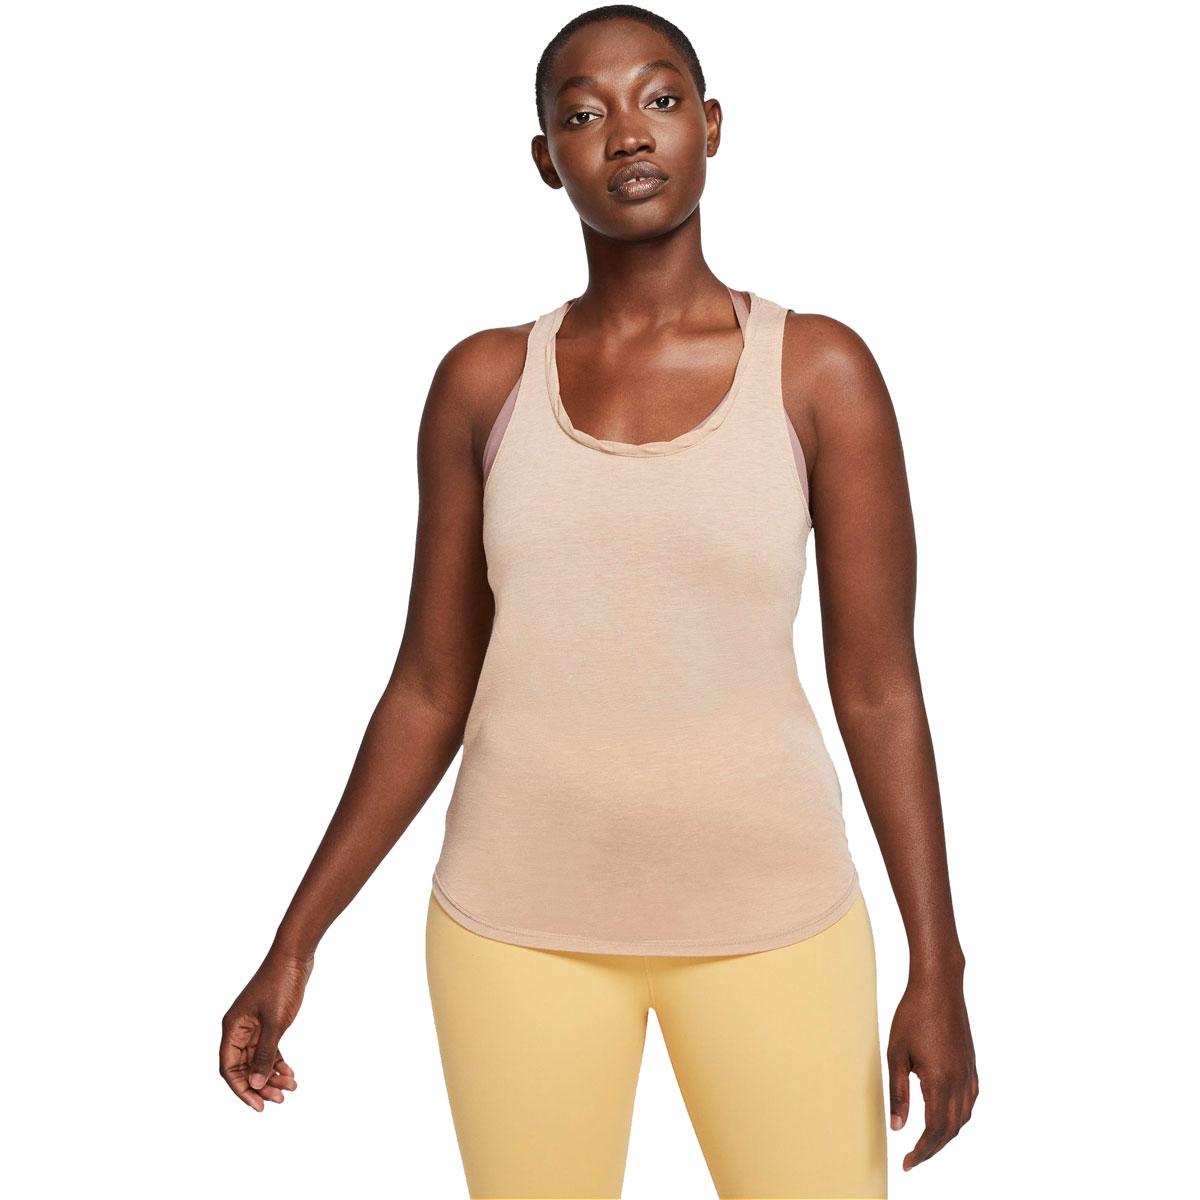 Women's Nike Yoga Tank - Color: Desert Dust/Htr/Fossil Stone - Size: L, Desert Dust/Heather/Fossil Stone, large, image 1